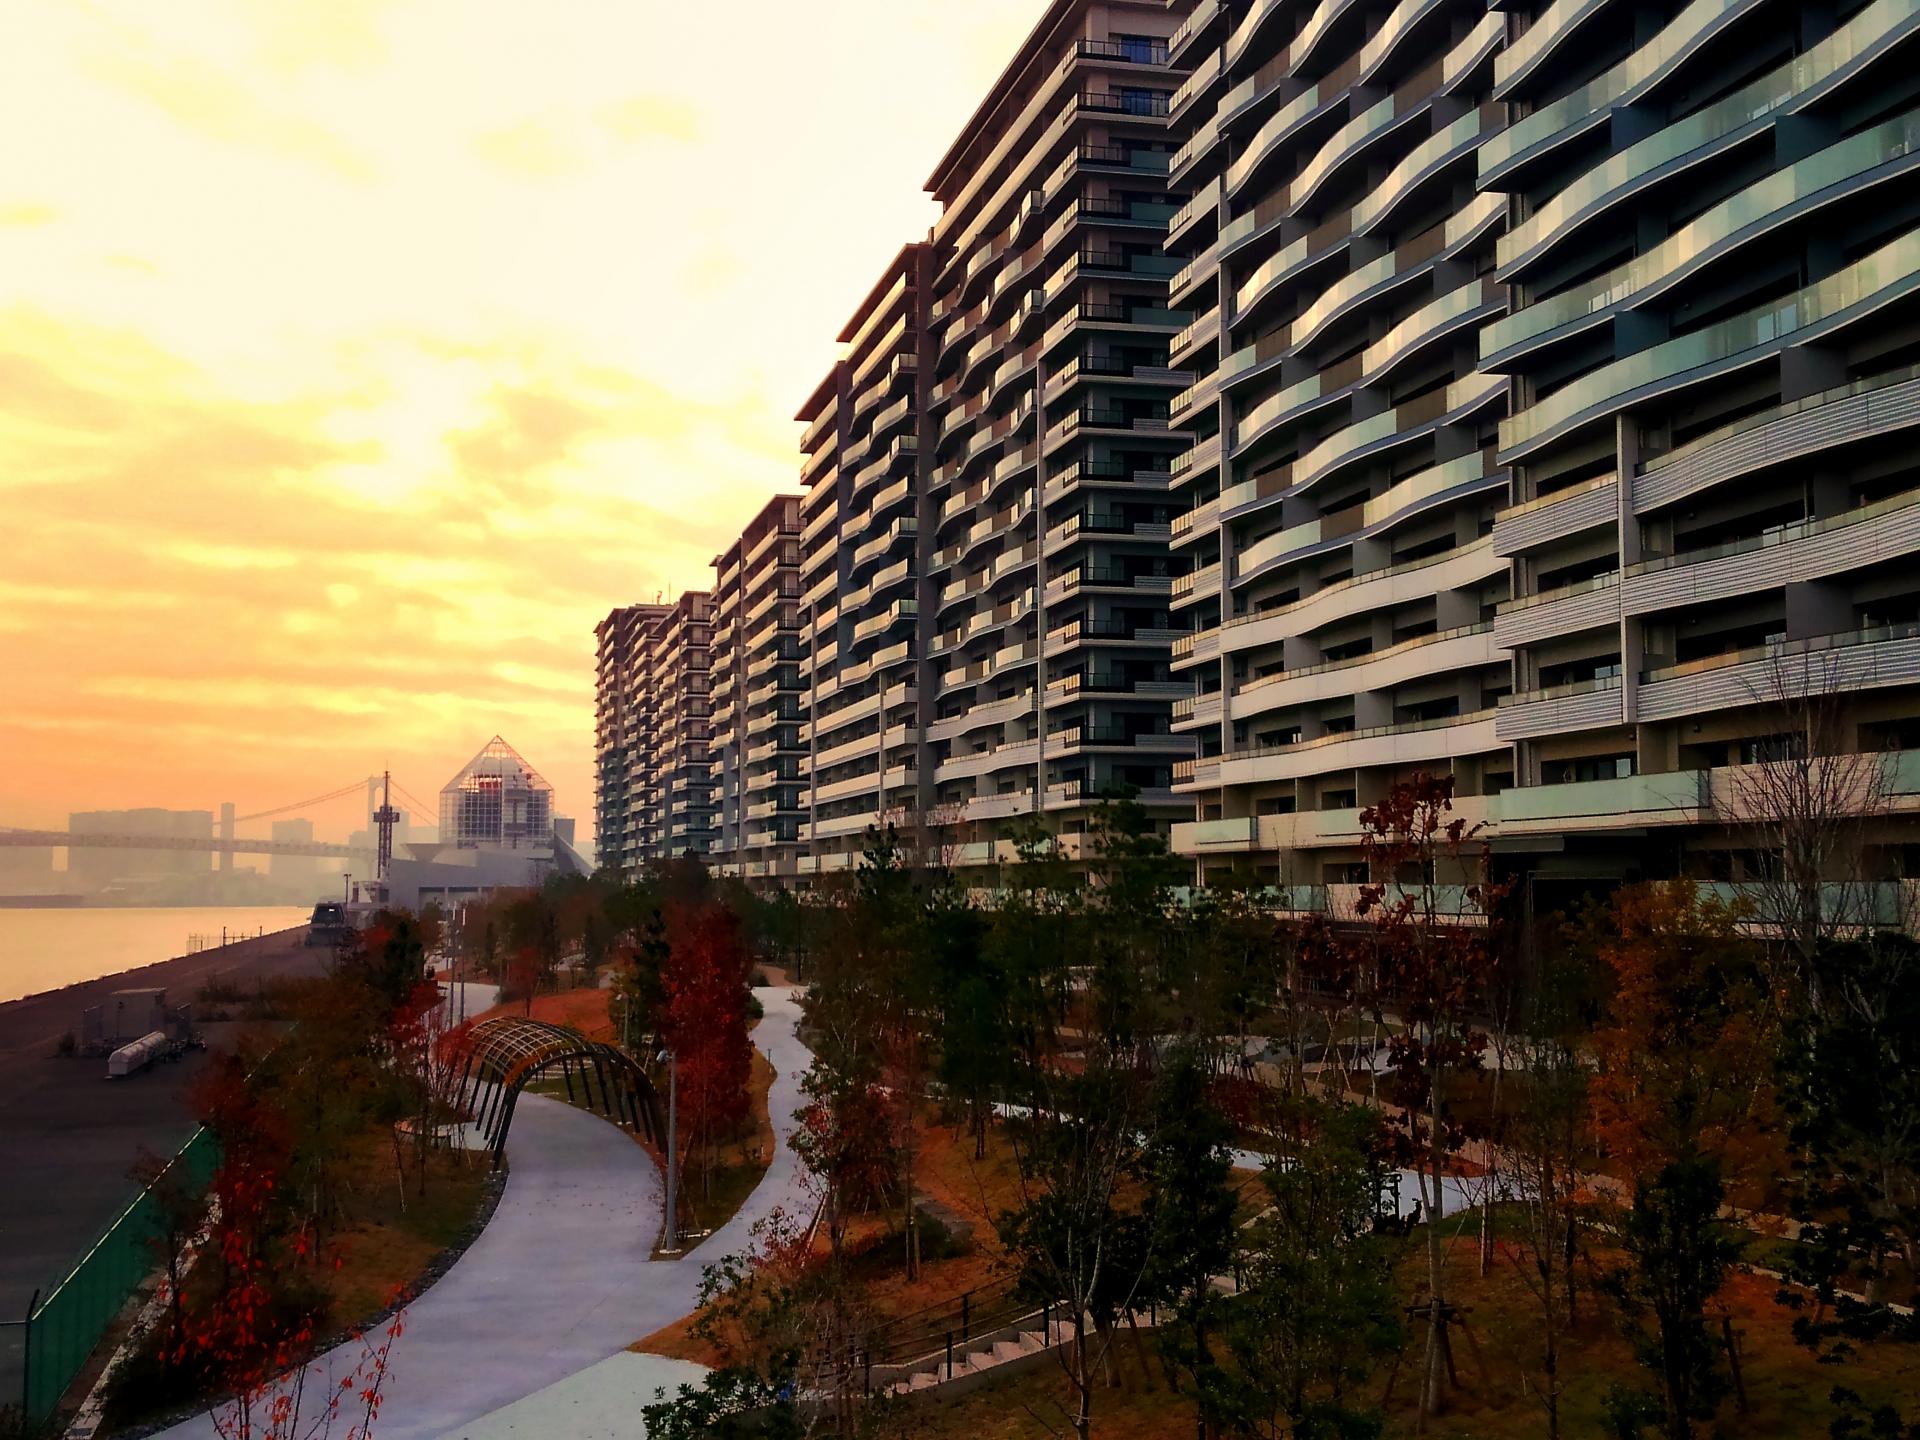 首都圏新築マンションの根強い需要と晴海フラッグの人気